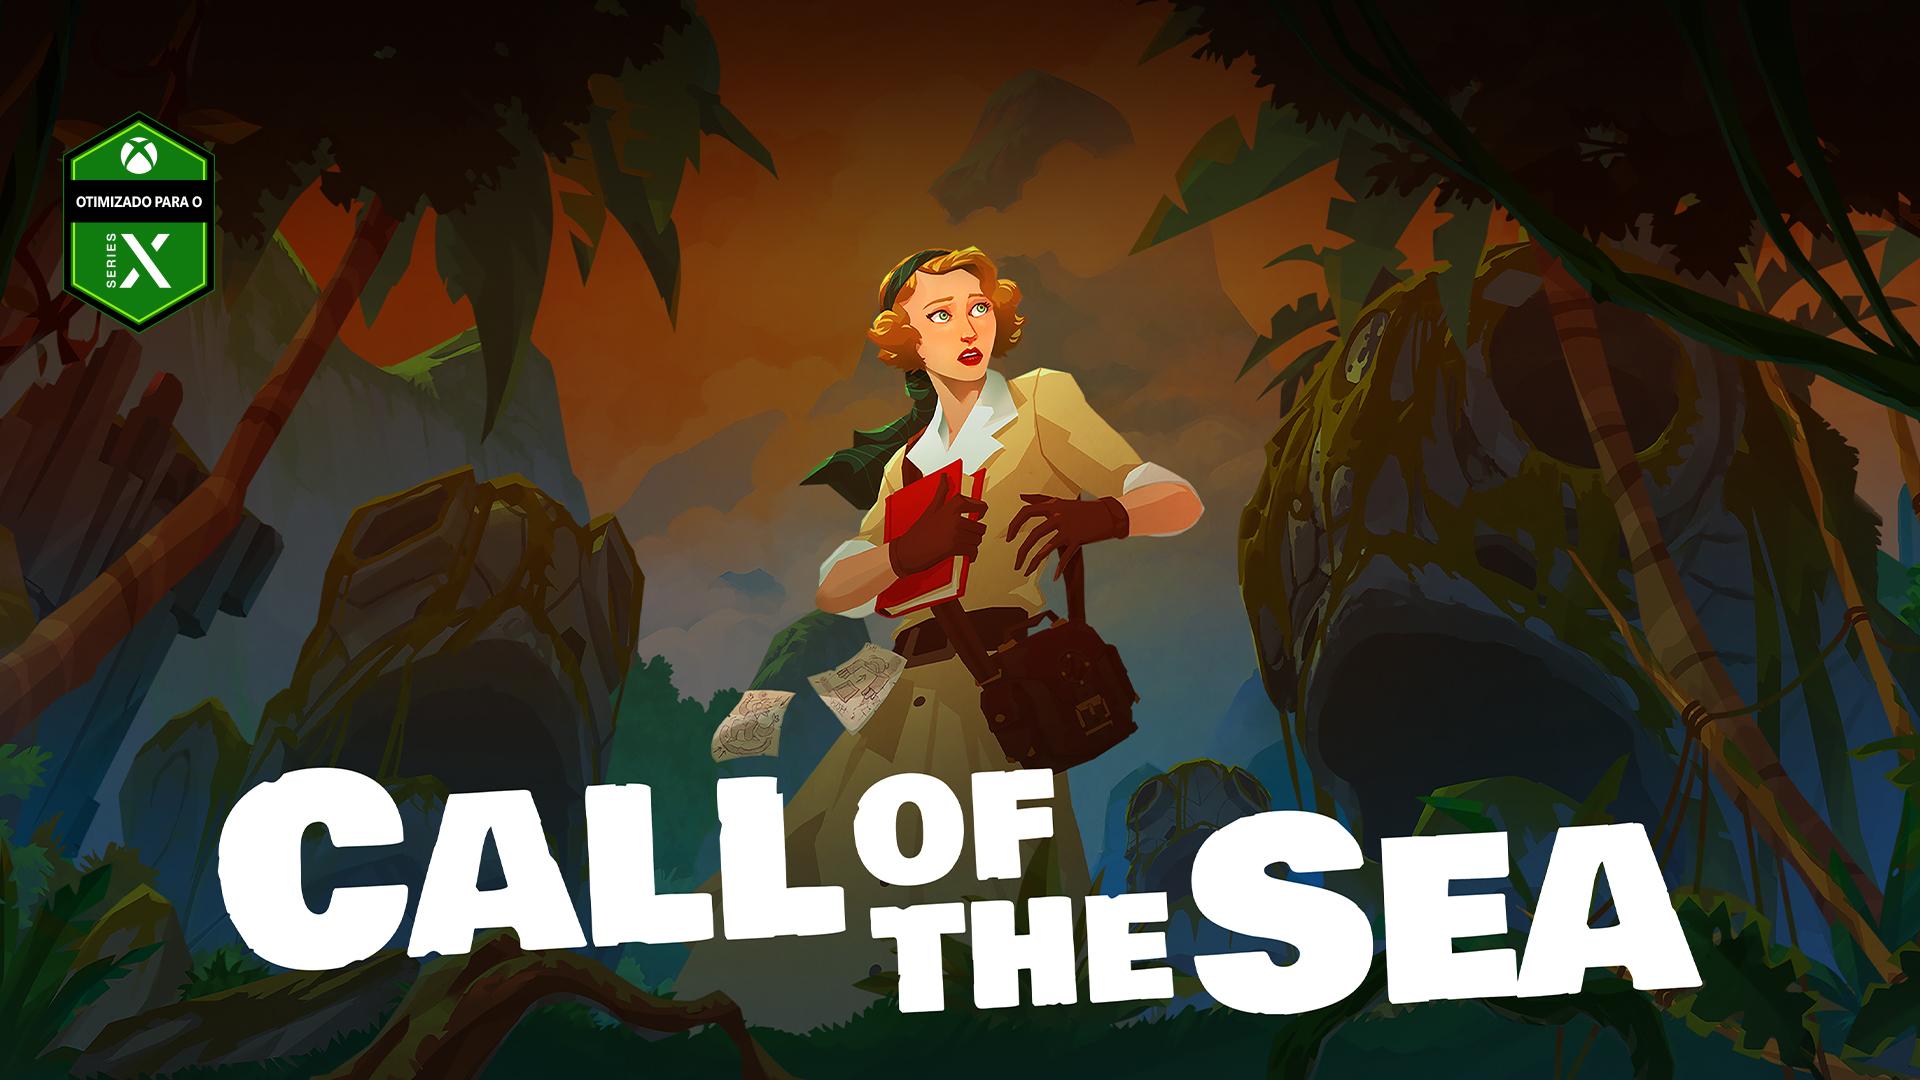 Logotipo Otimizado para Series X, Call of the Sea, Norah em uma selva